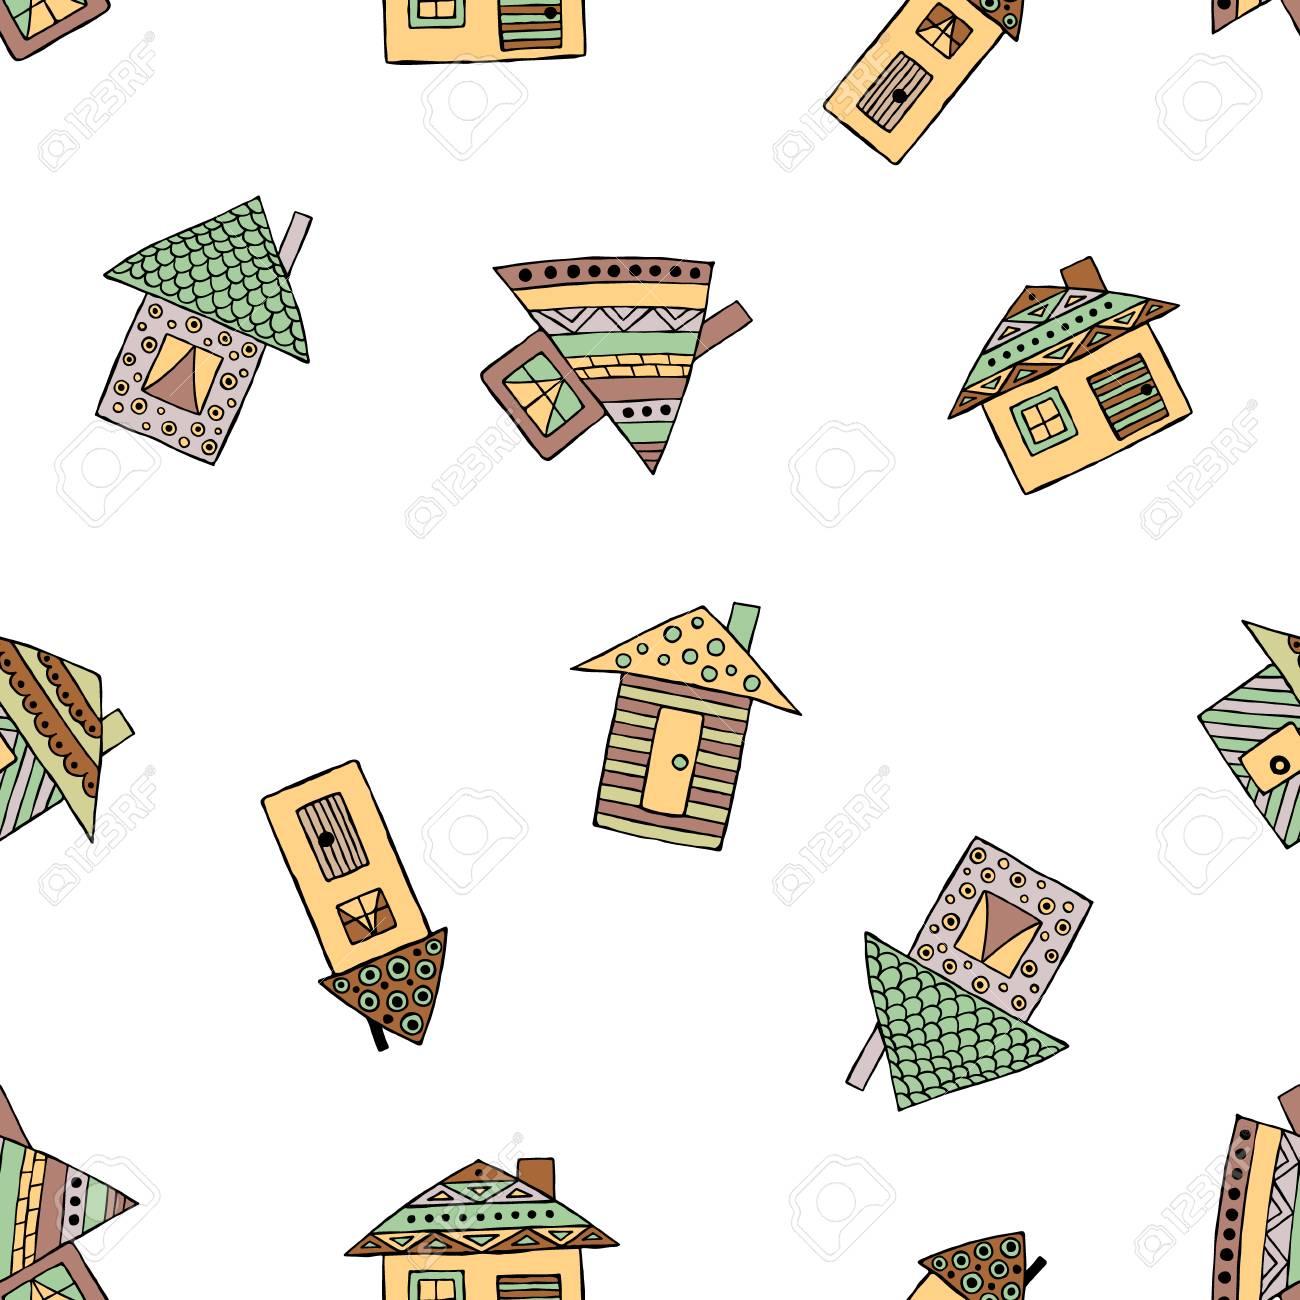 Vector Dibujado A Mano Patrn Transparente Casas Infantiles